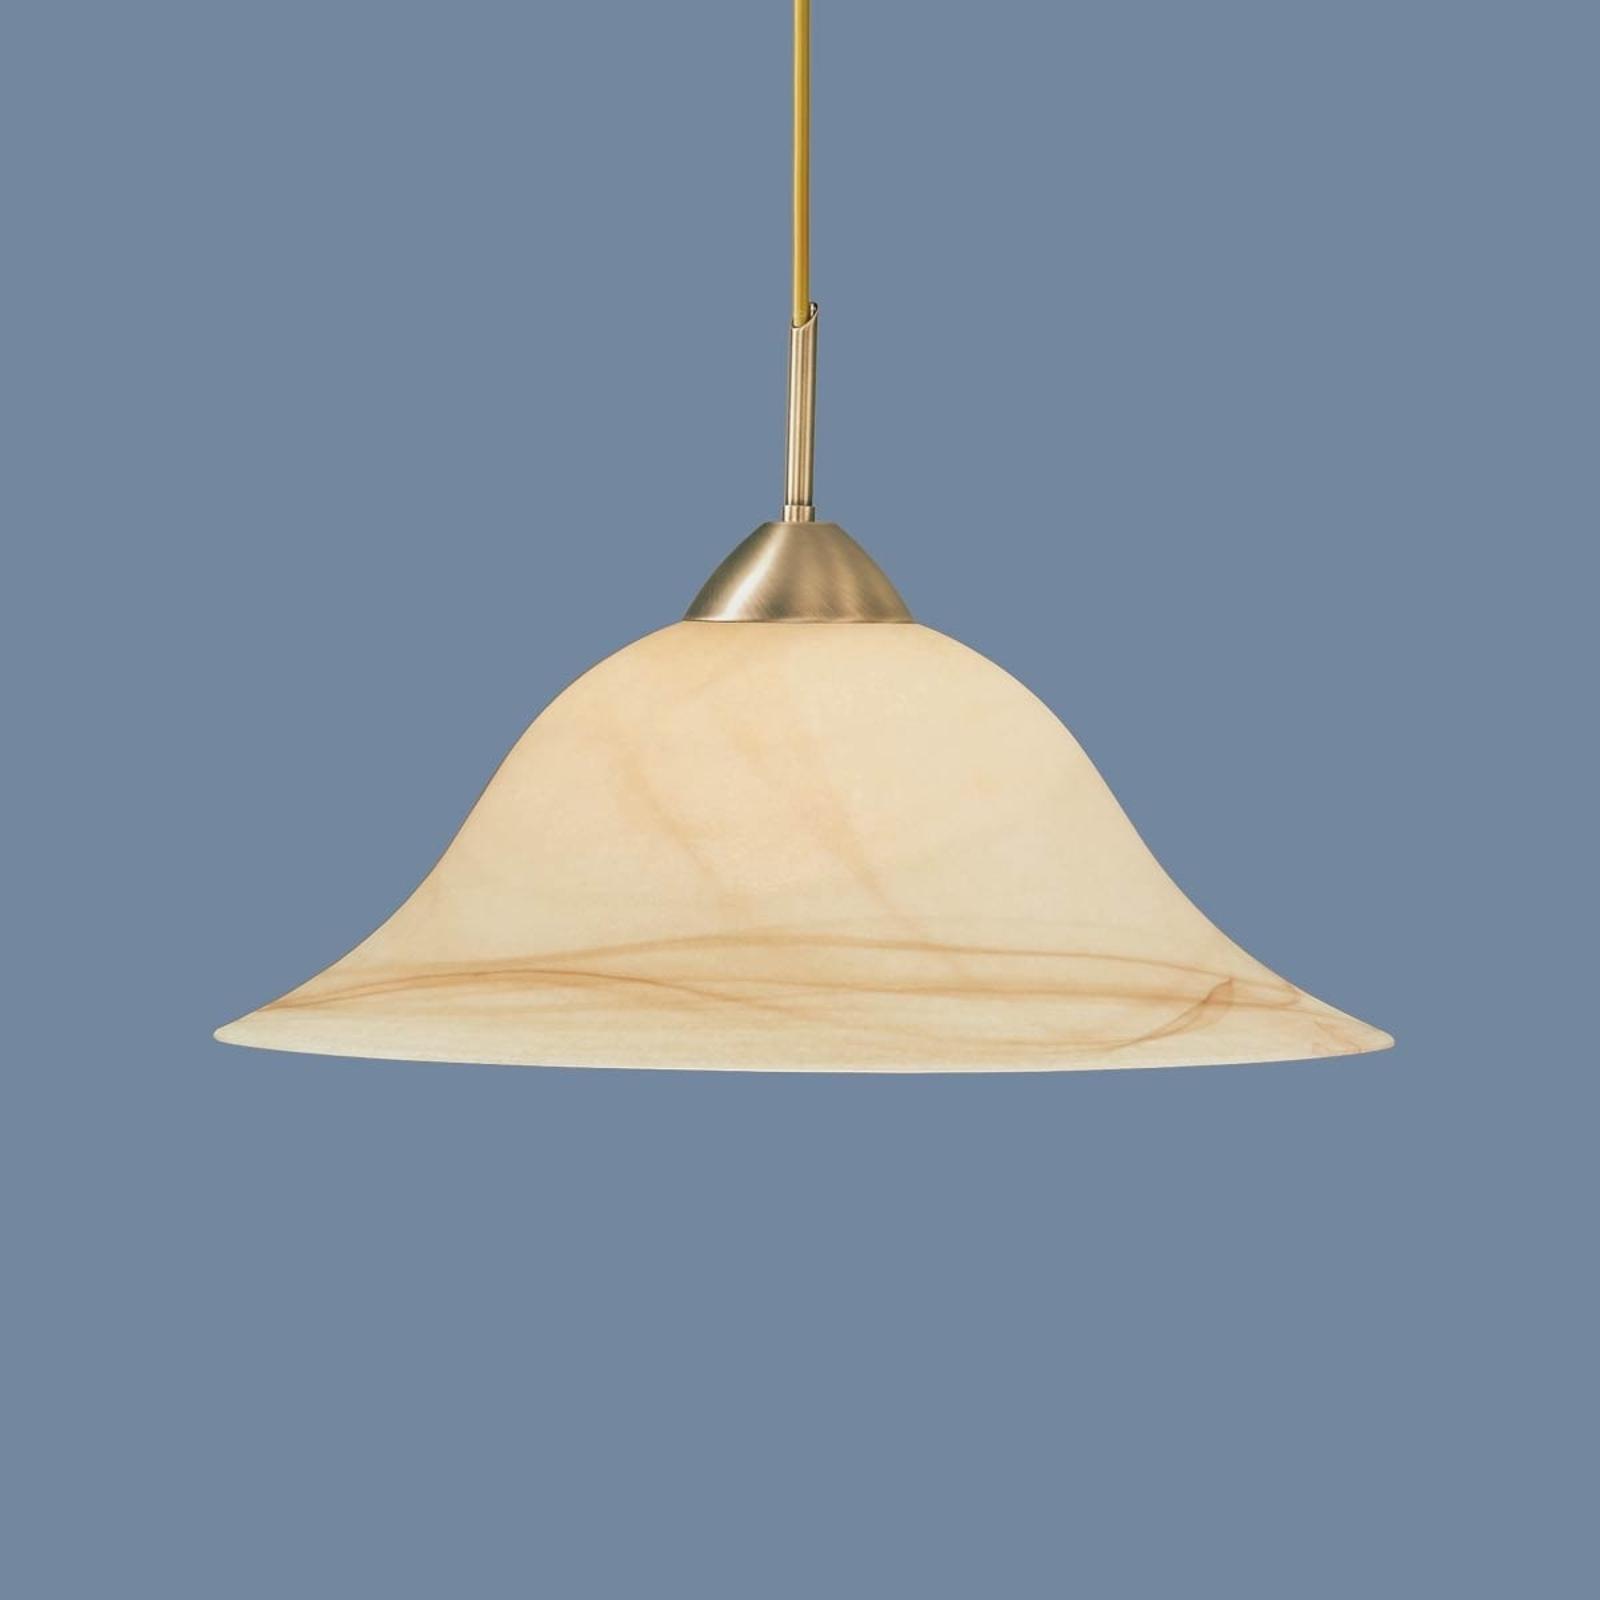 Lampa wisząca LUISA w ciepłym odcieniu